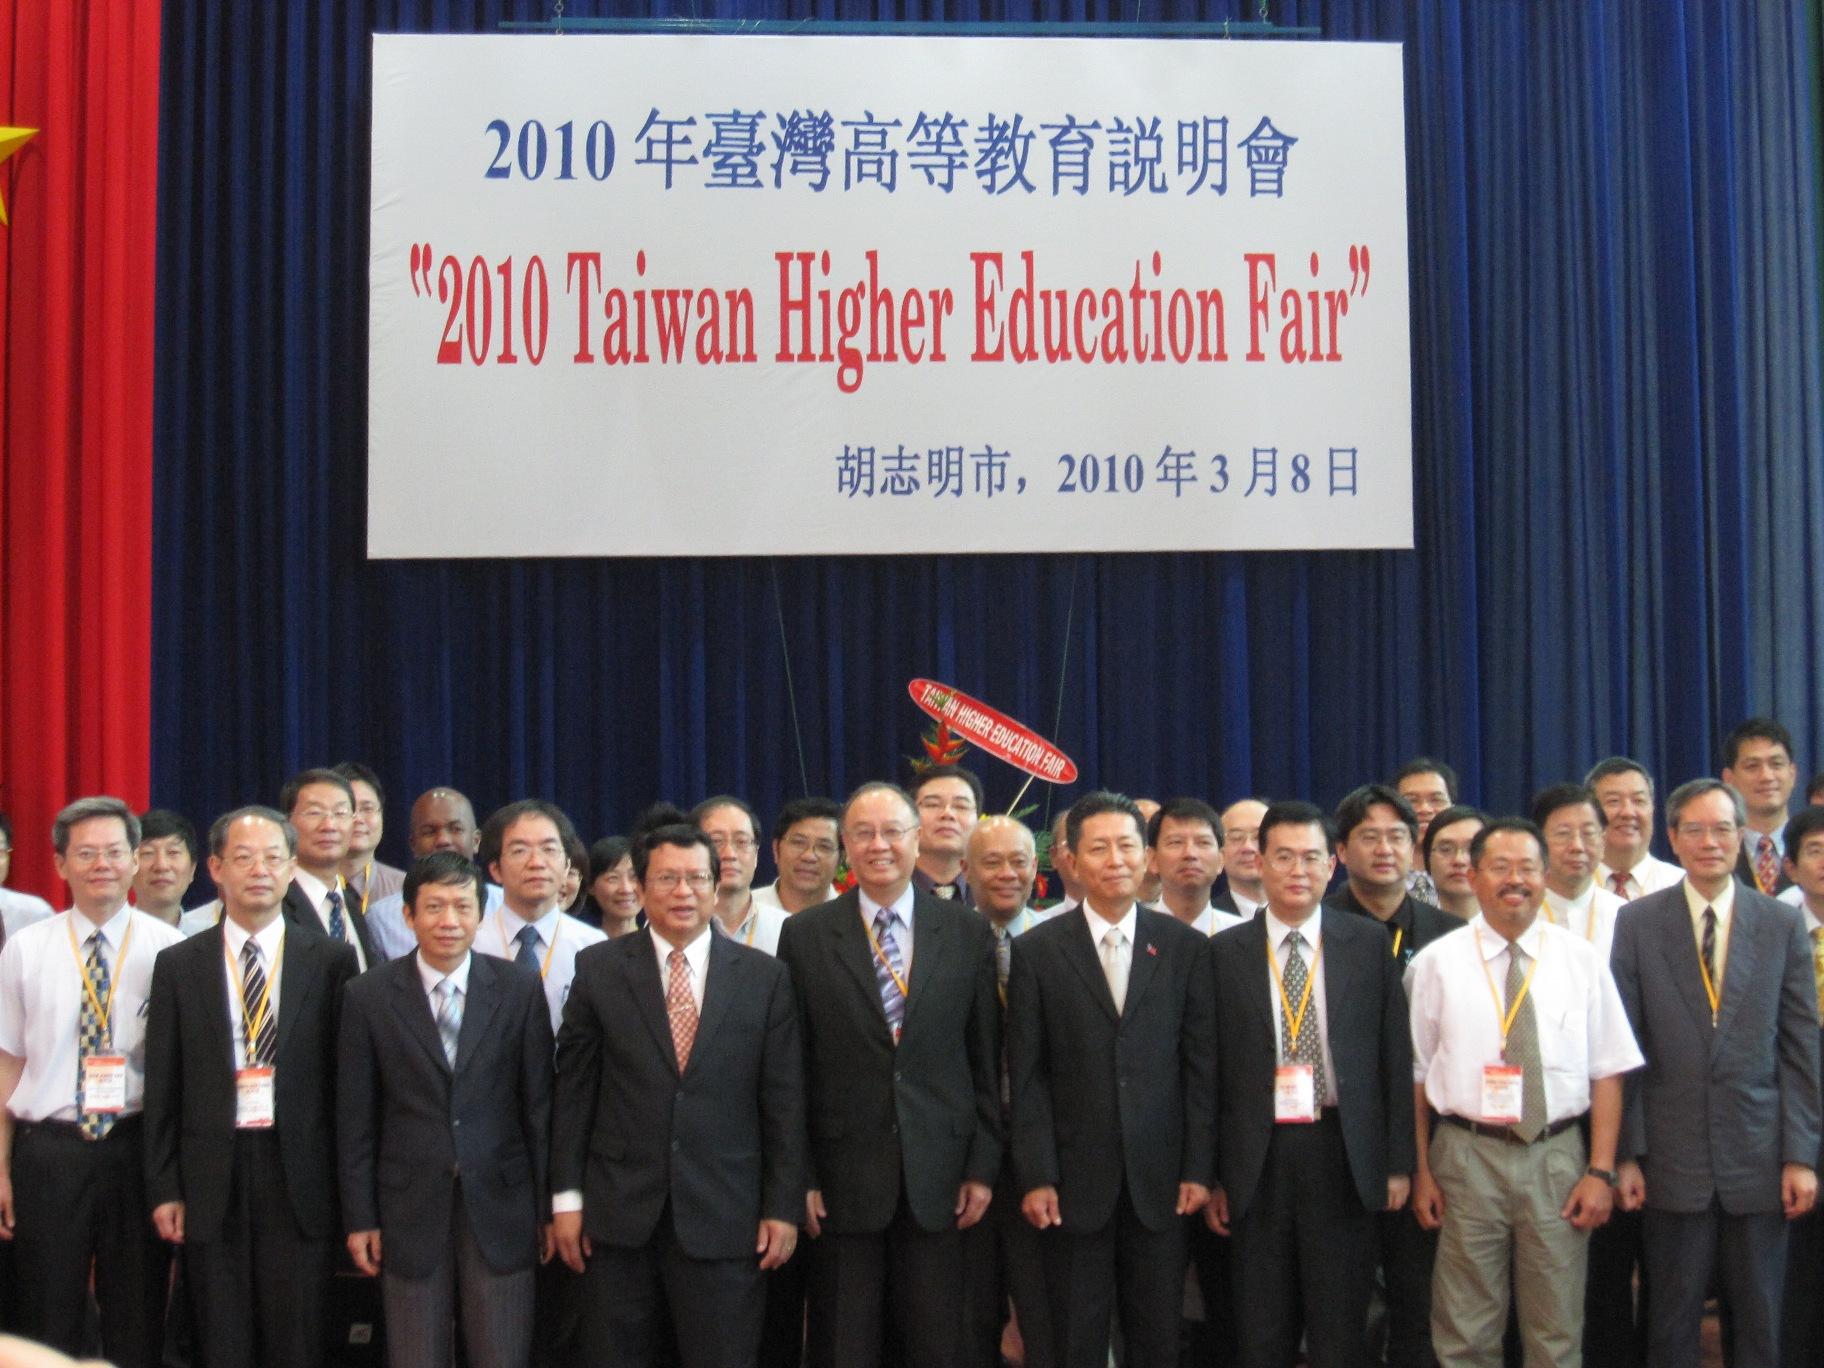 合力推銷台灣高等教育 本校赴越南舉辦台灣高等教育展